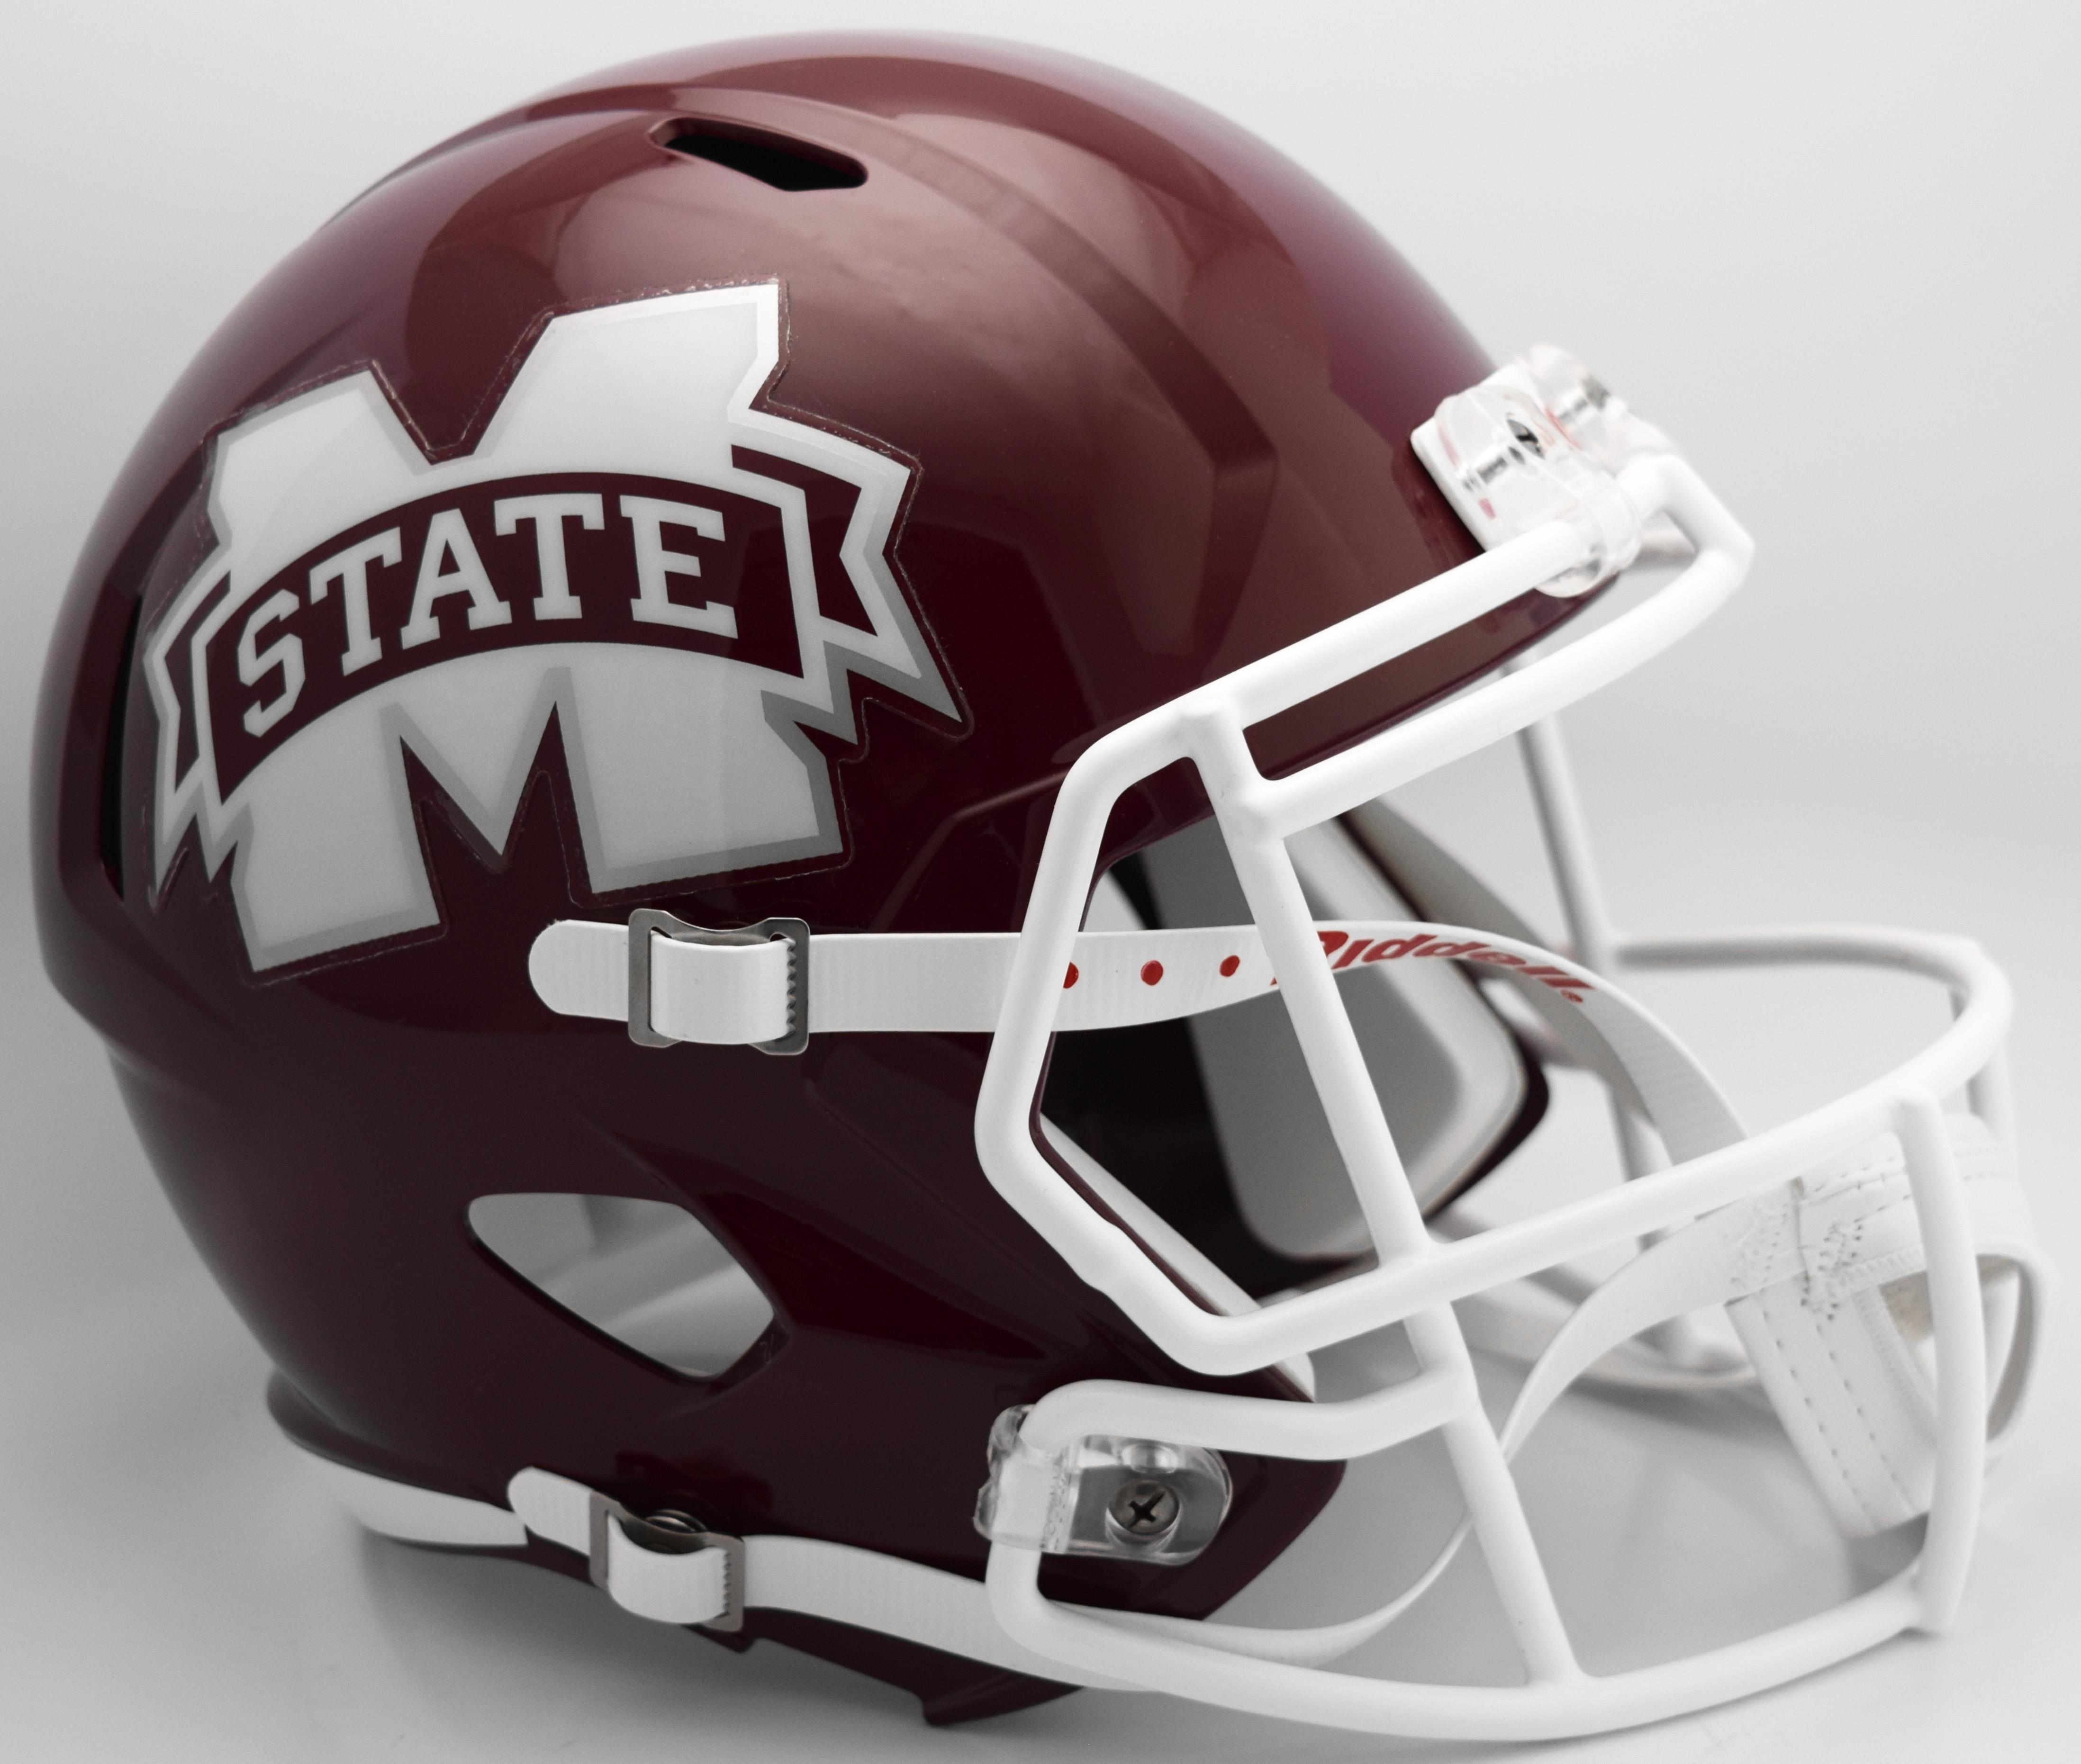 Mississippi State Bulldogs Speed Replica Football Helmet <B>2016 M State</B>